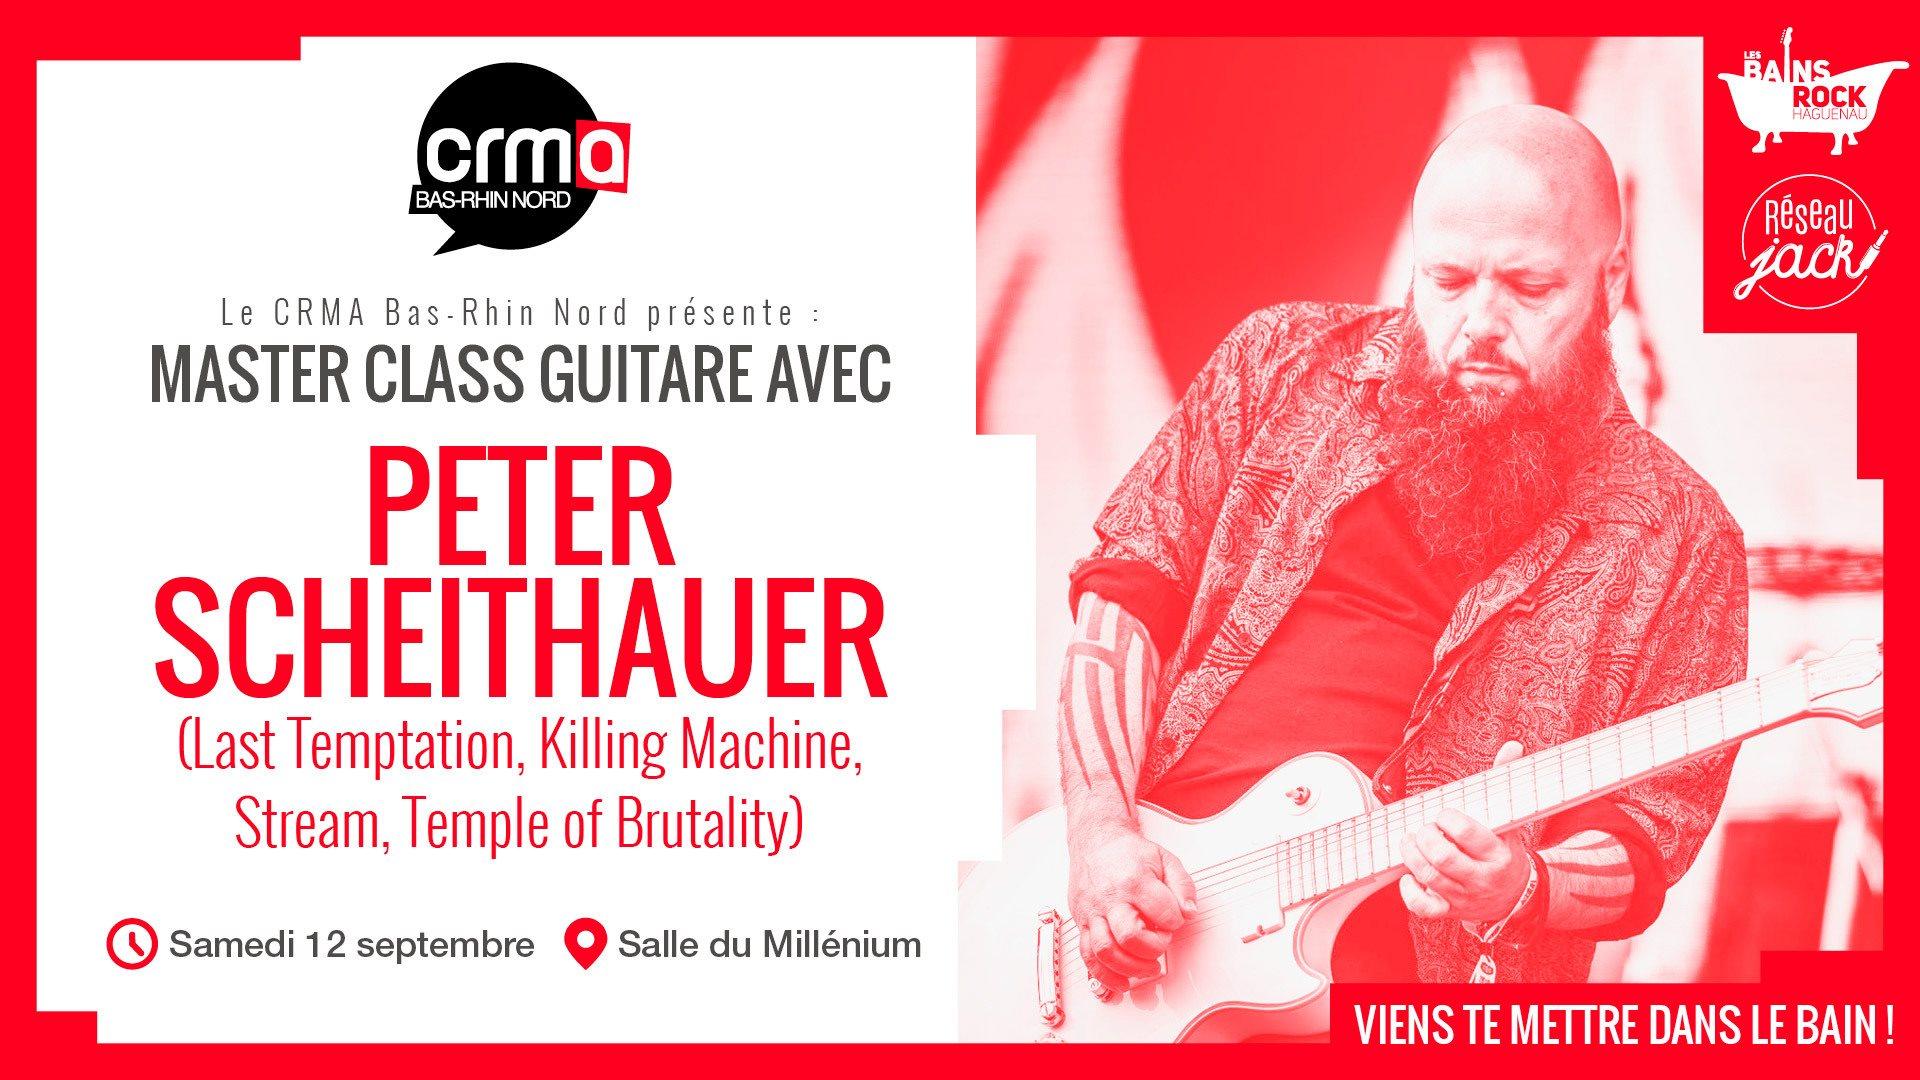 Masterclass guitare avec Peter Scheithauer